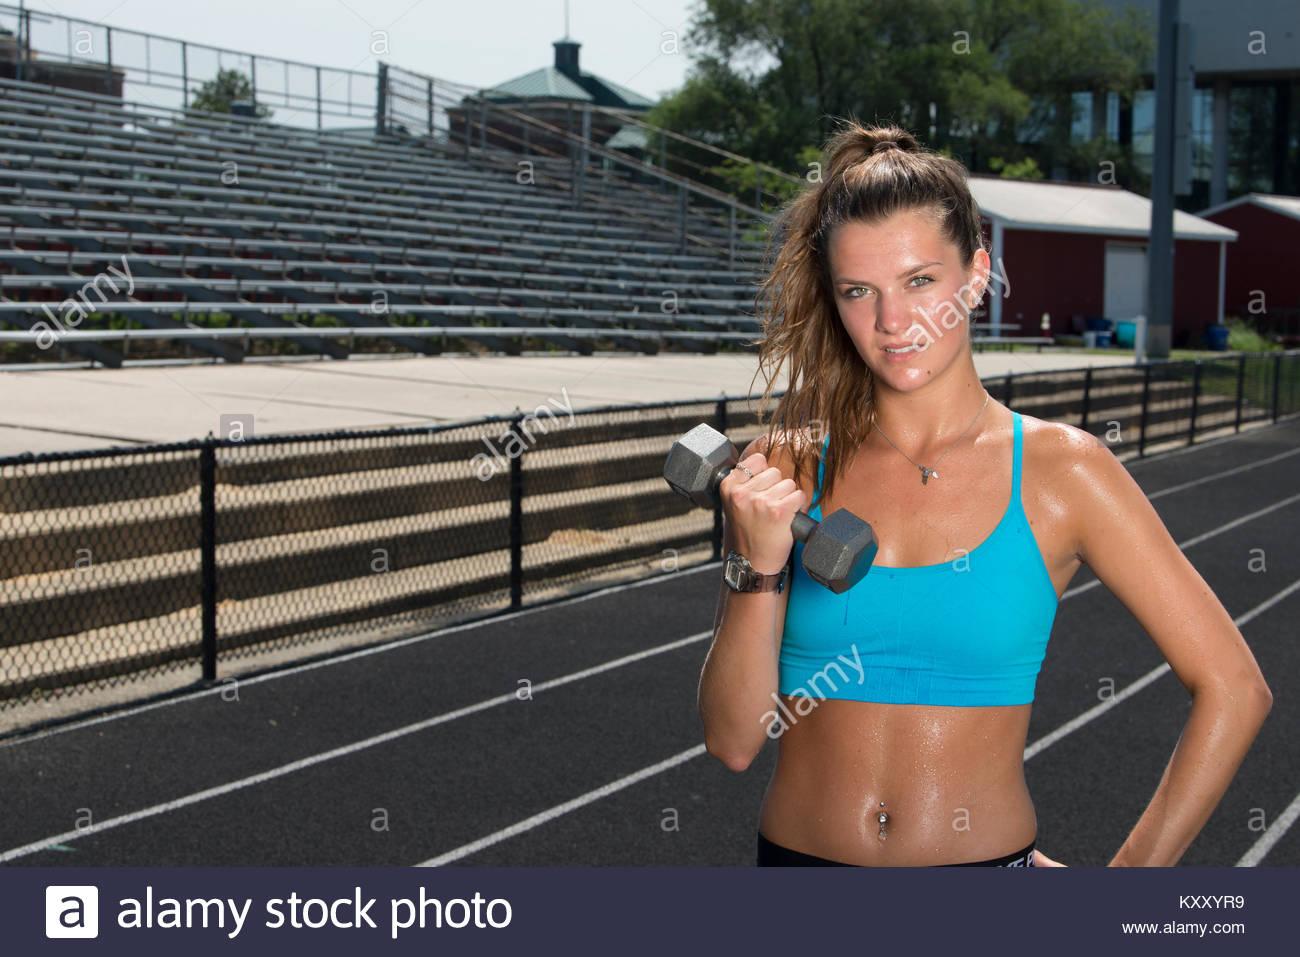 Lindo y colocar los adolescentes caucásicos chica trabajando en pista al aire libre brilla con el sudor en Imagen De Stock